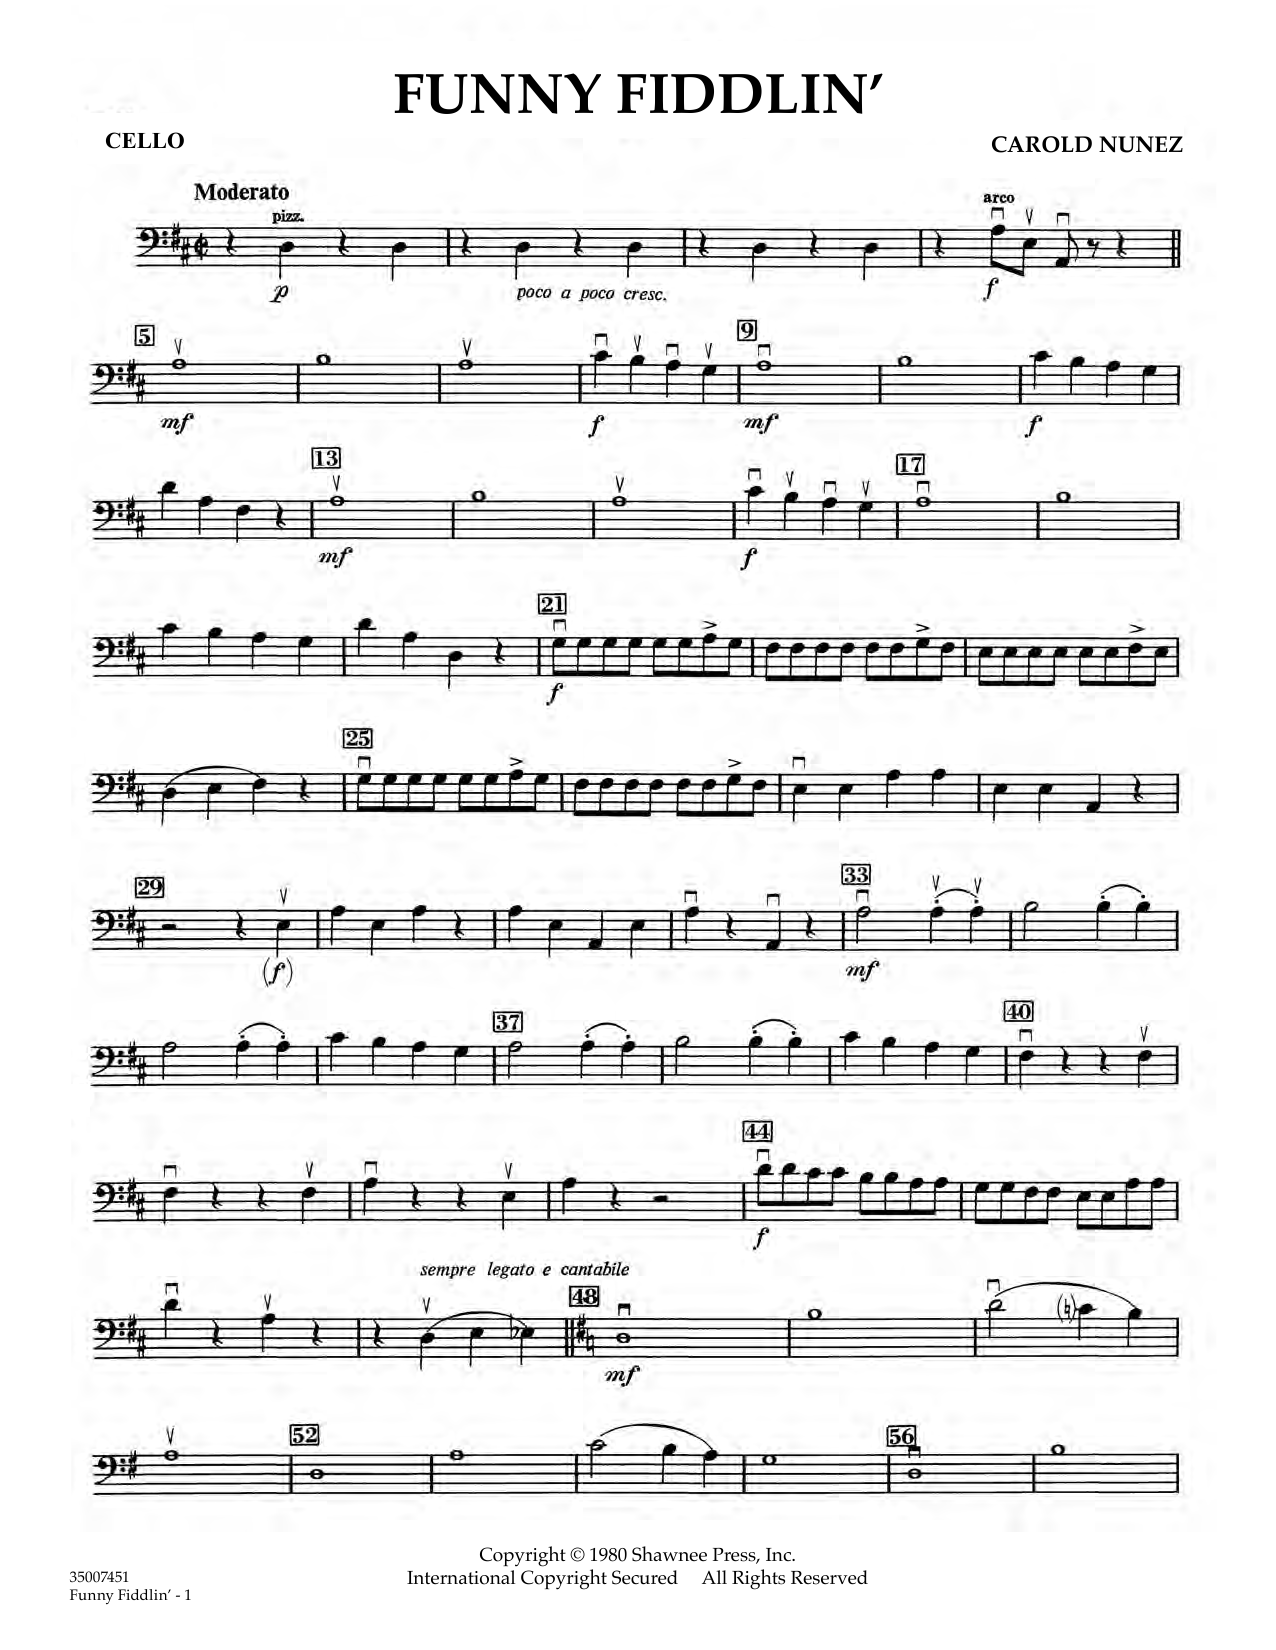 Funny Fiddlin' - Cello